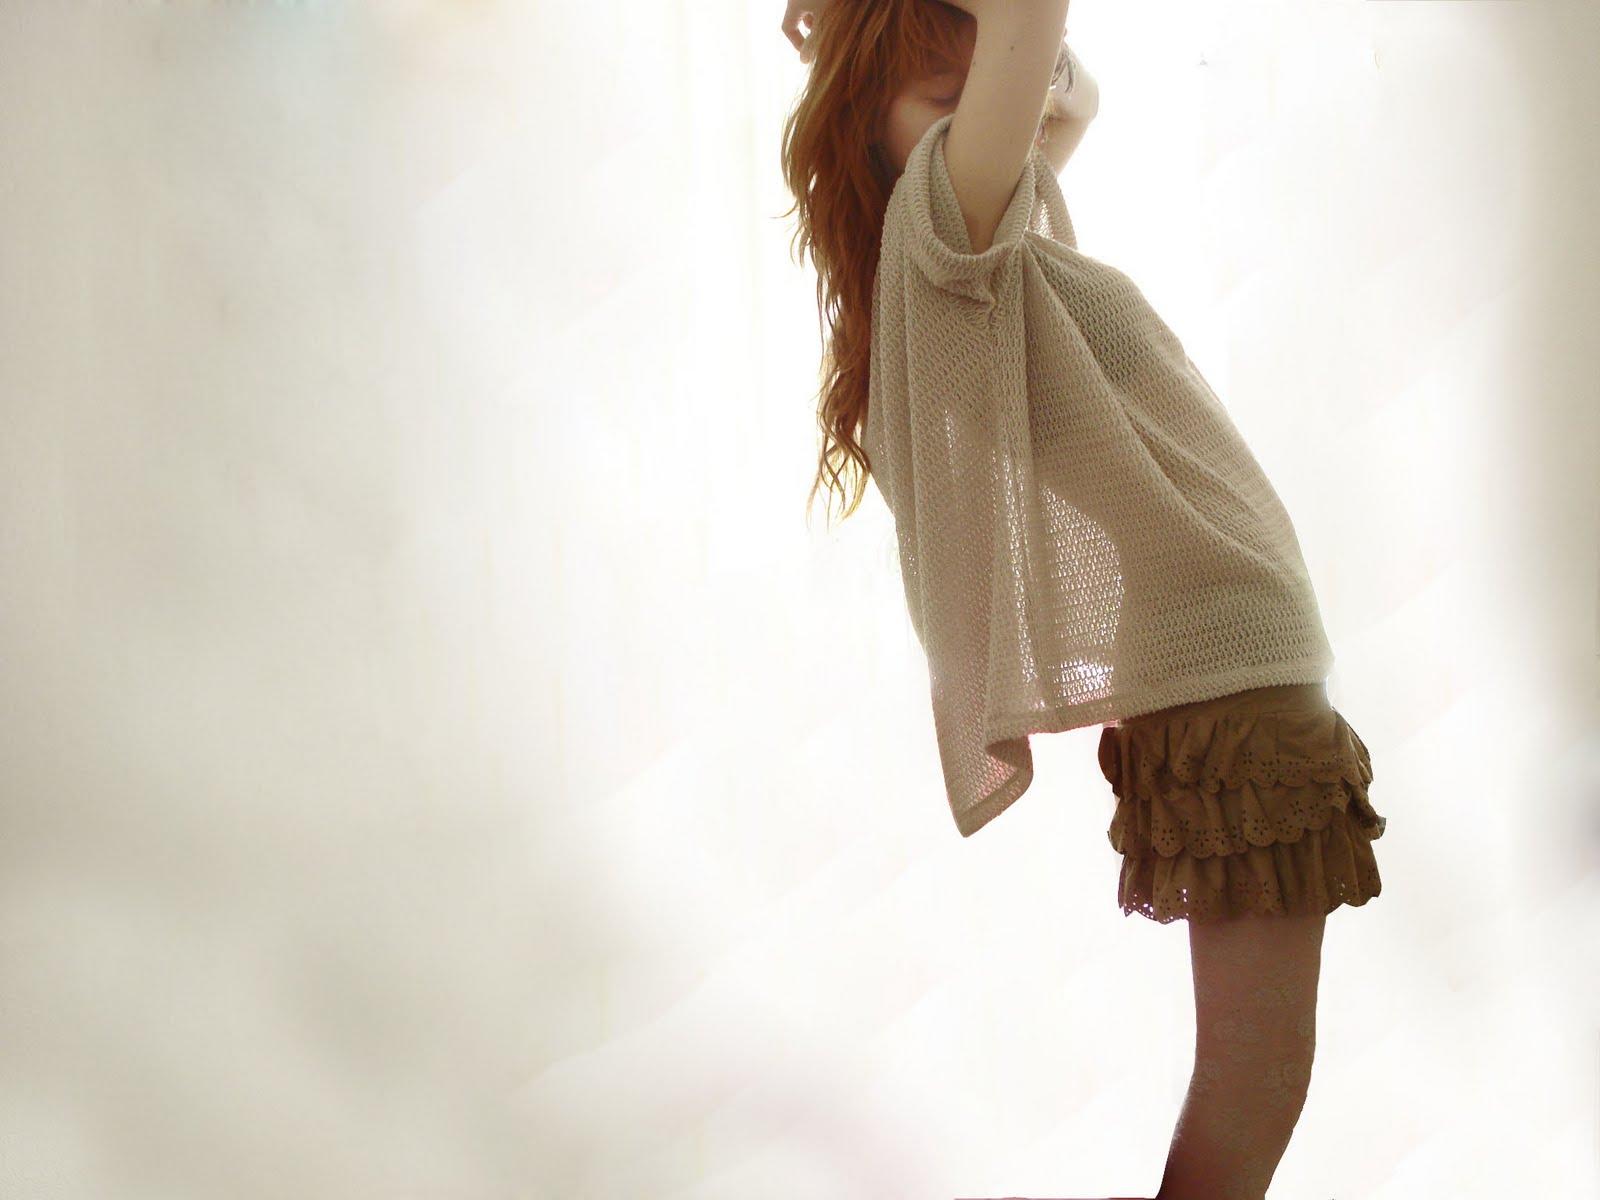 http://3.bp.blogspot.com/_Xb3kFv8Njcs/TDTpuwp10eI/AAAAAAAAATU/rUOCPrmTQCw/s1600/DSC06745.JPG